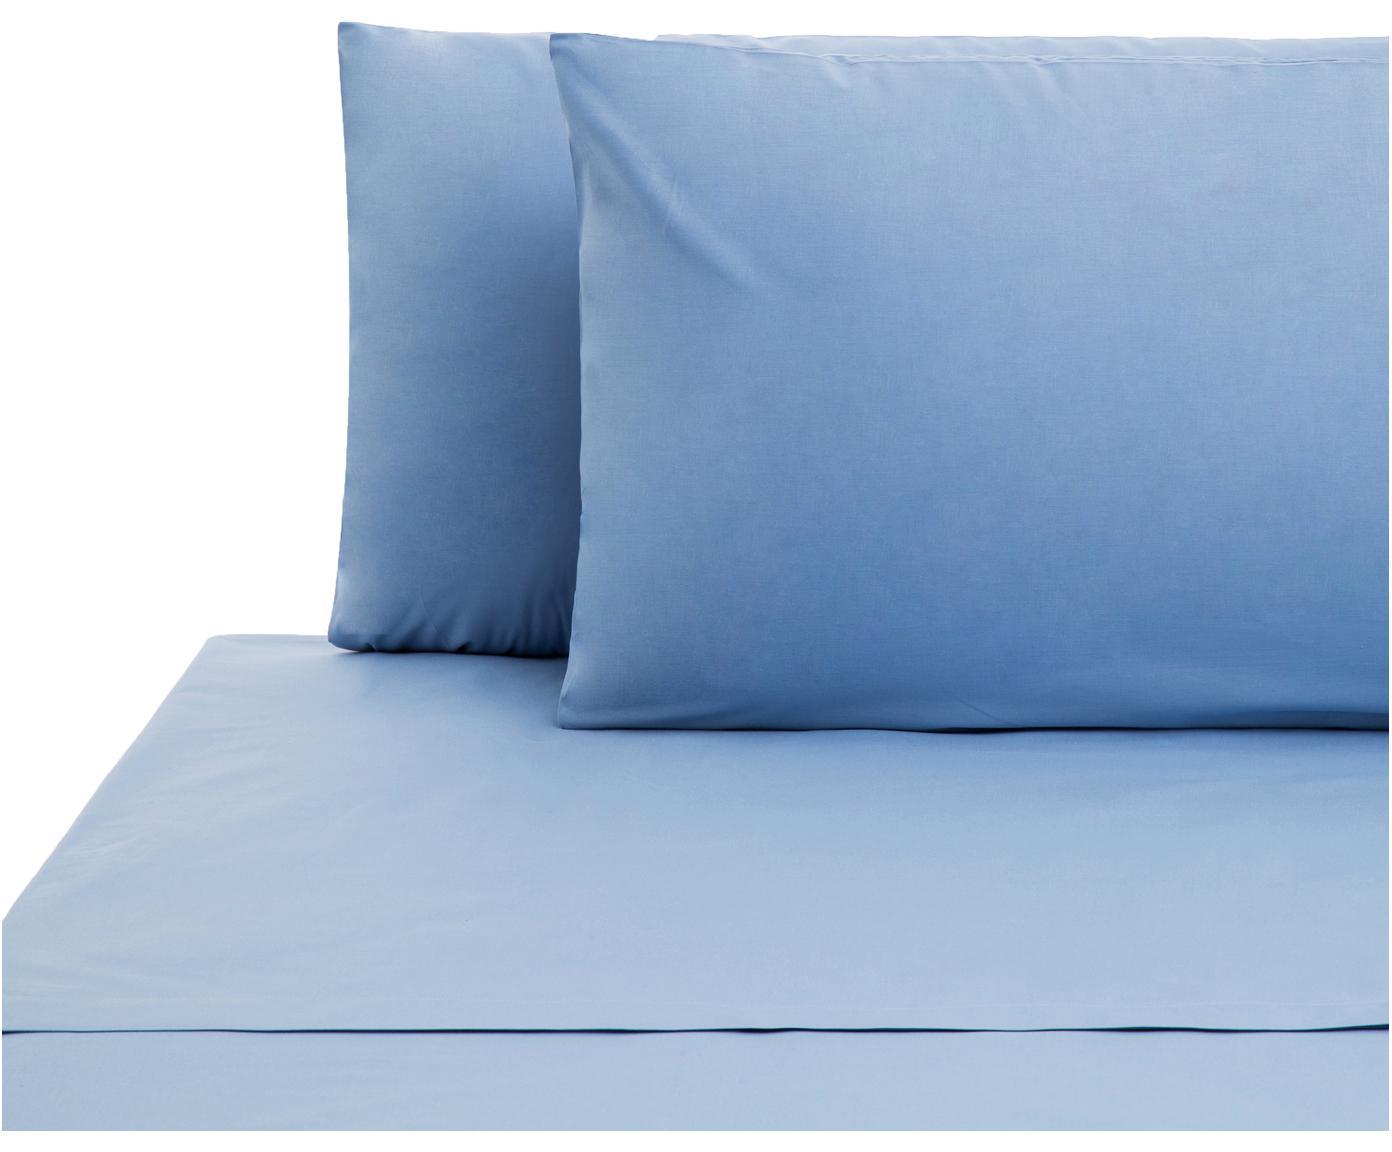 Set lenzuola in cotone ranforce Lenare 2 pz, Tessuto: Renforcé, Fronte e retro: azzurro, 240 x 290 cm